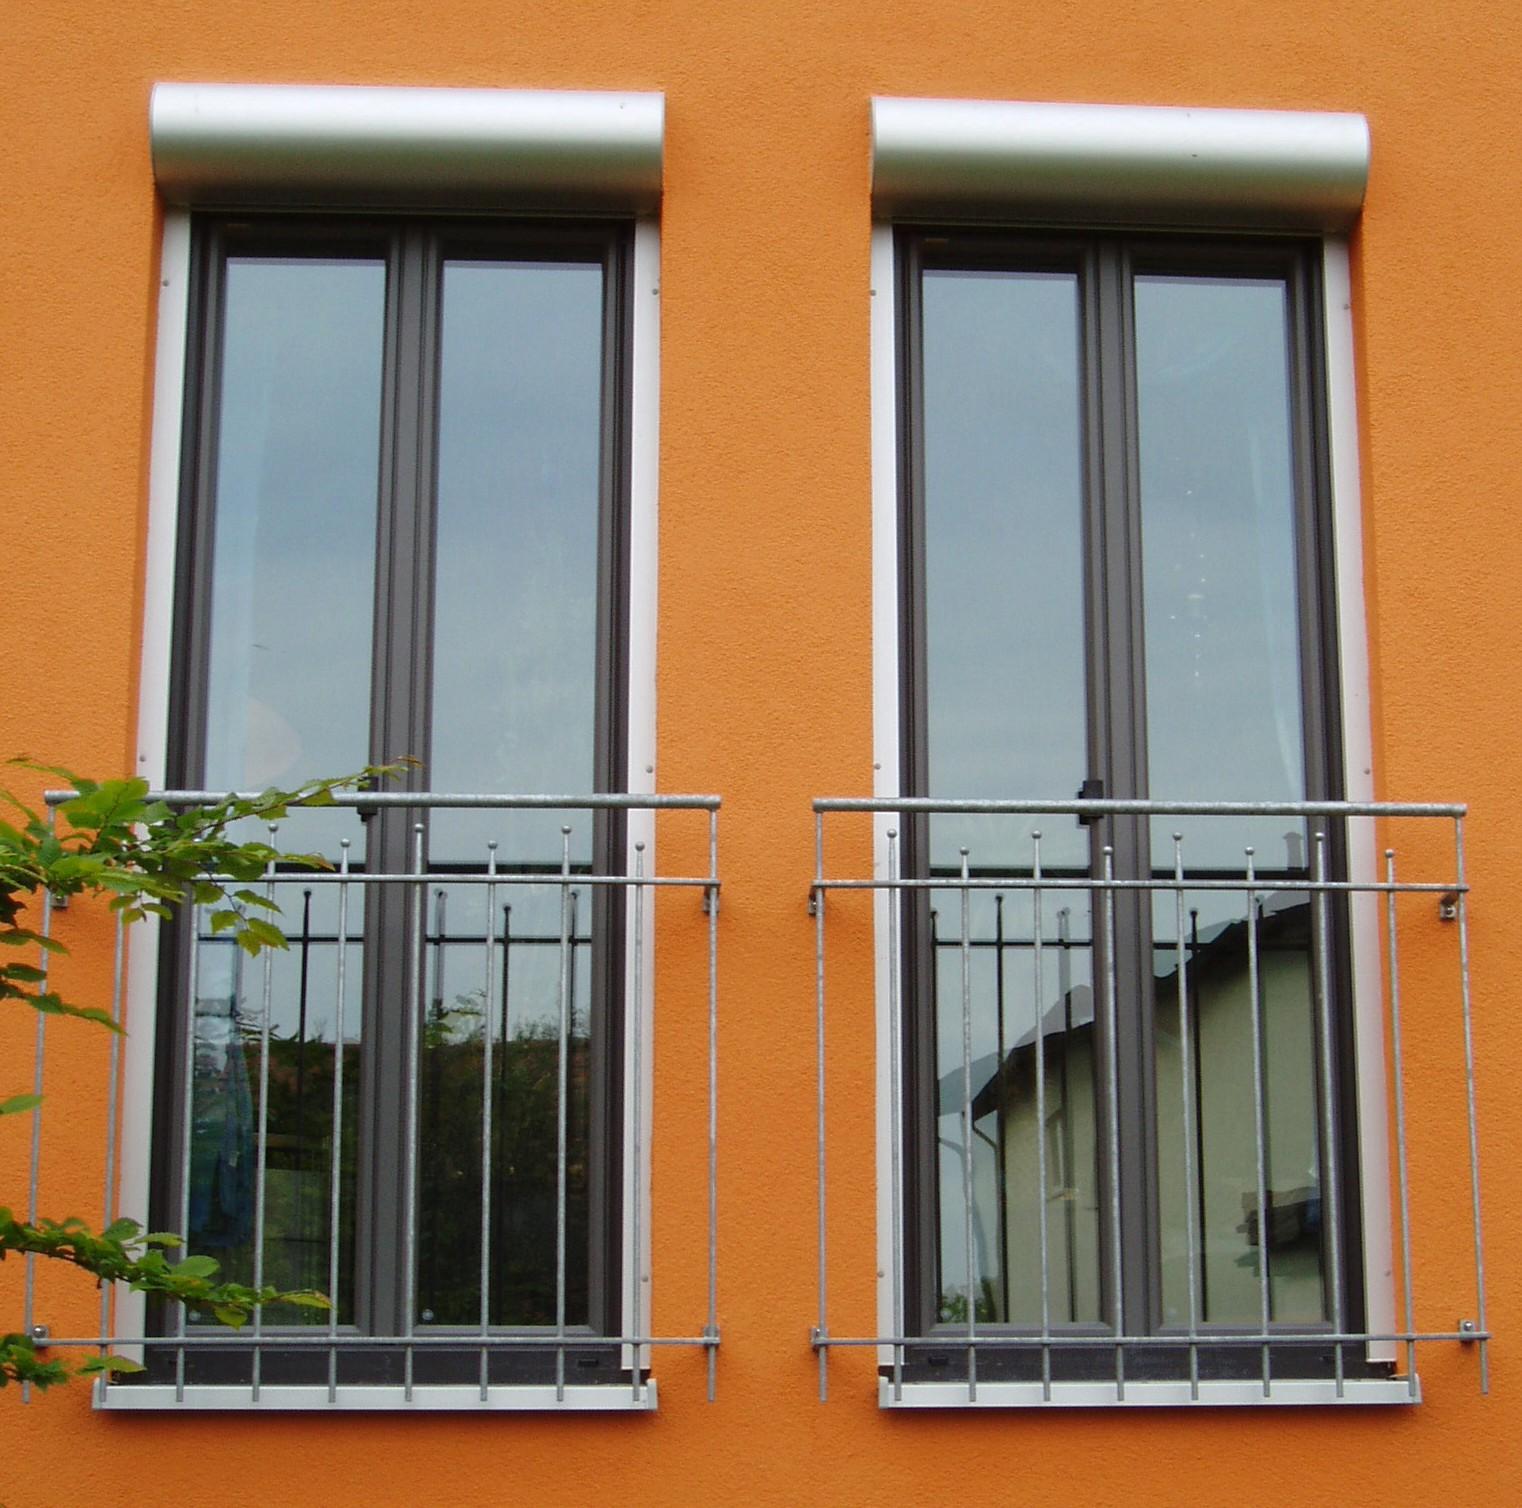 Fenster07